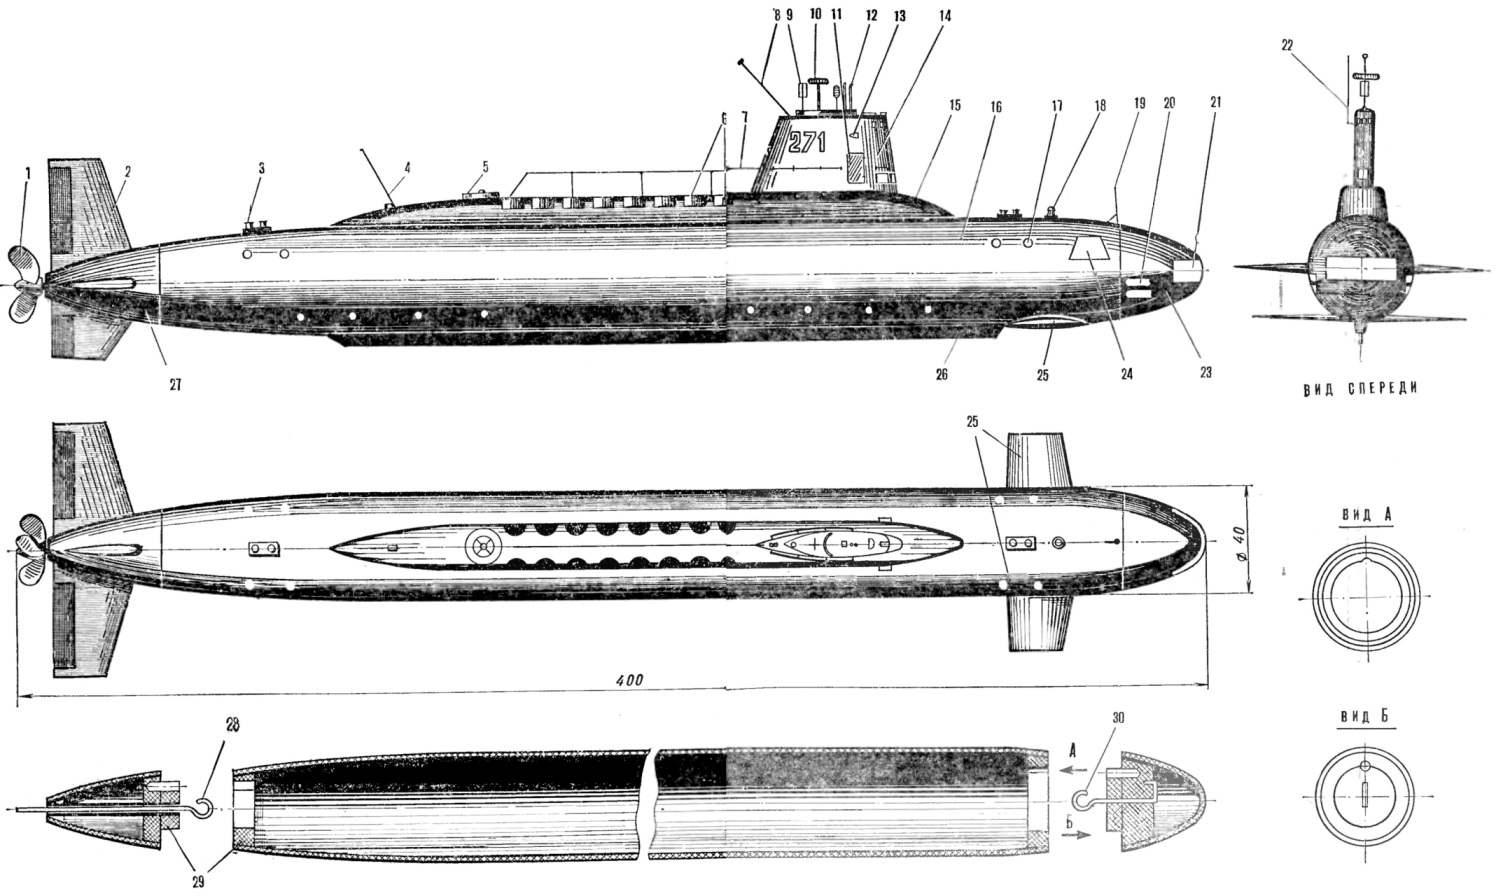 Как сделать подводную лодку: поделки для мальчиков на 10